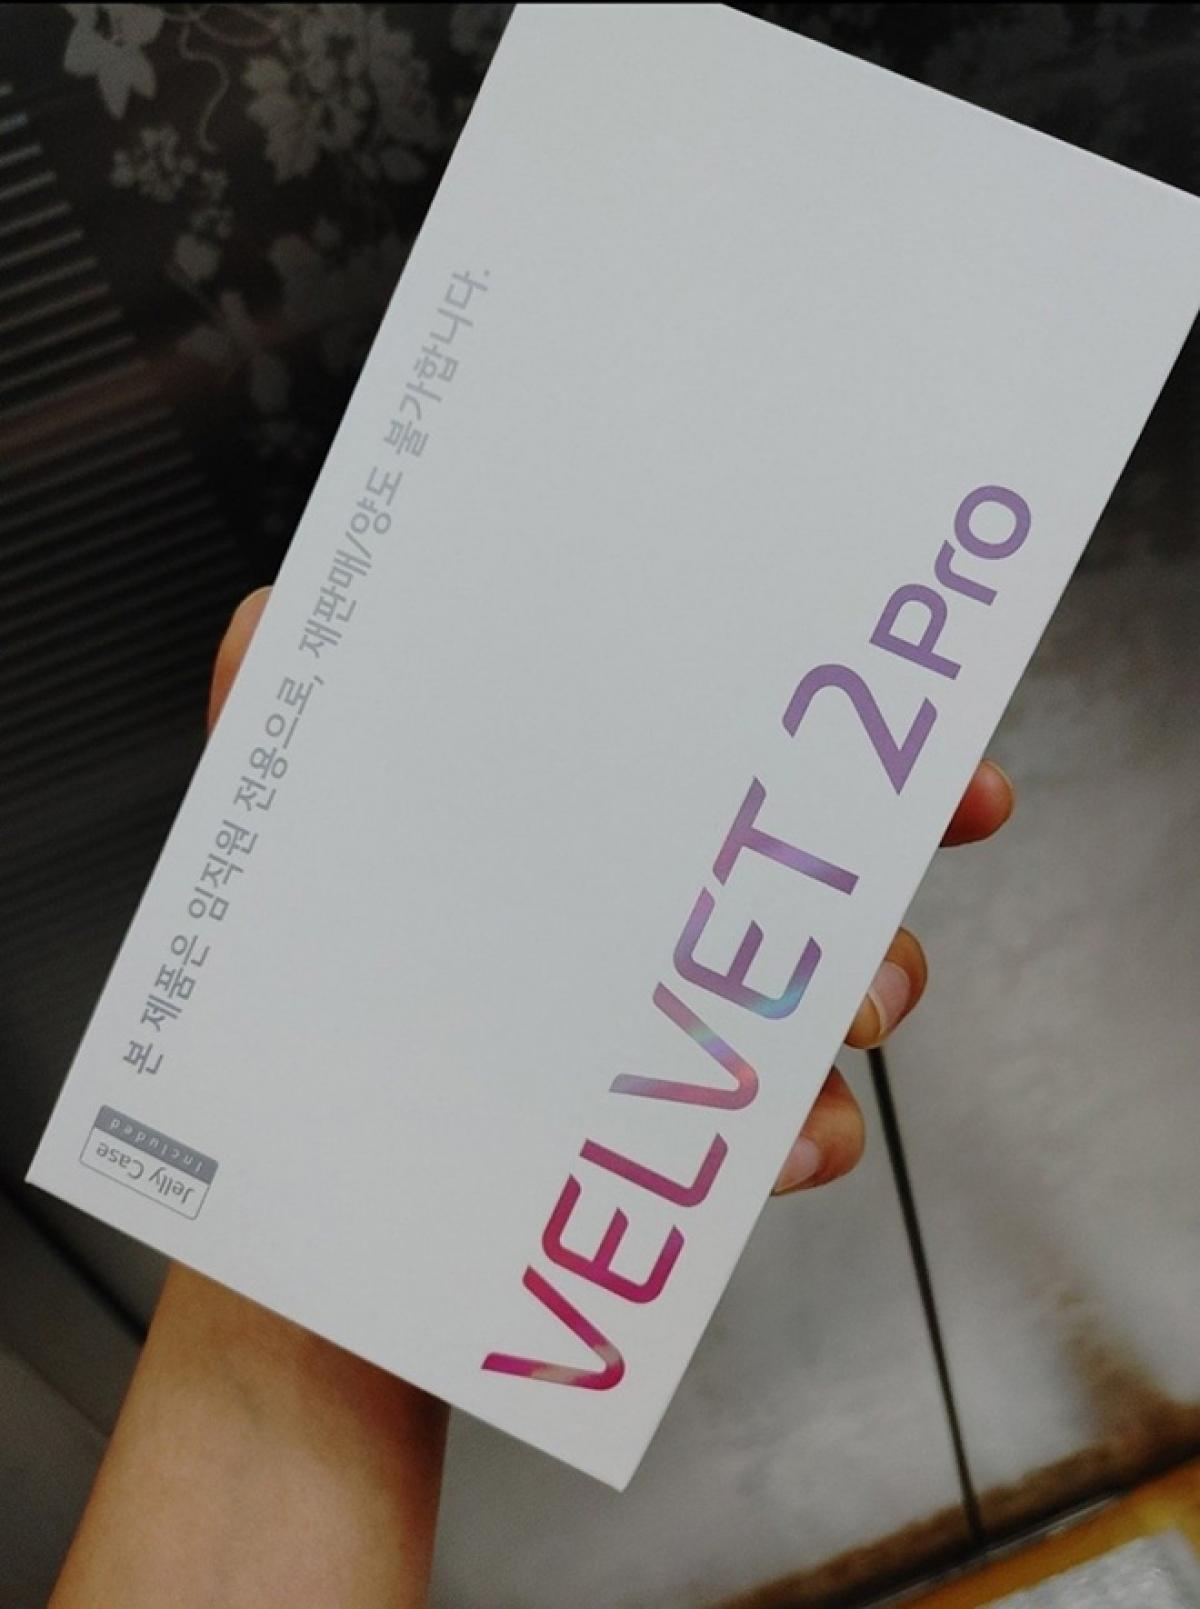 Hộp đựng LG Velvet 2 Pro.